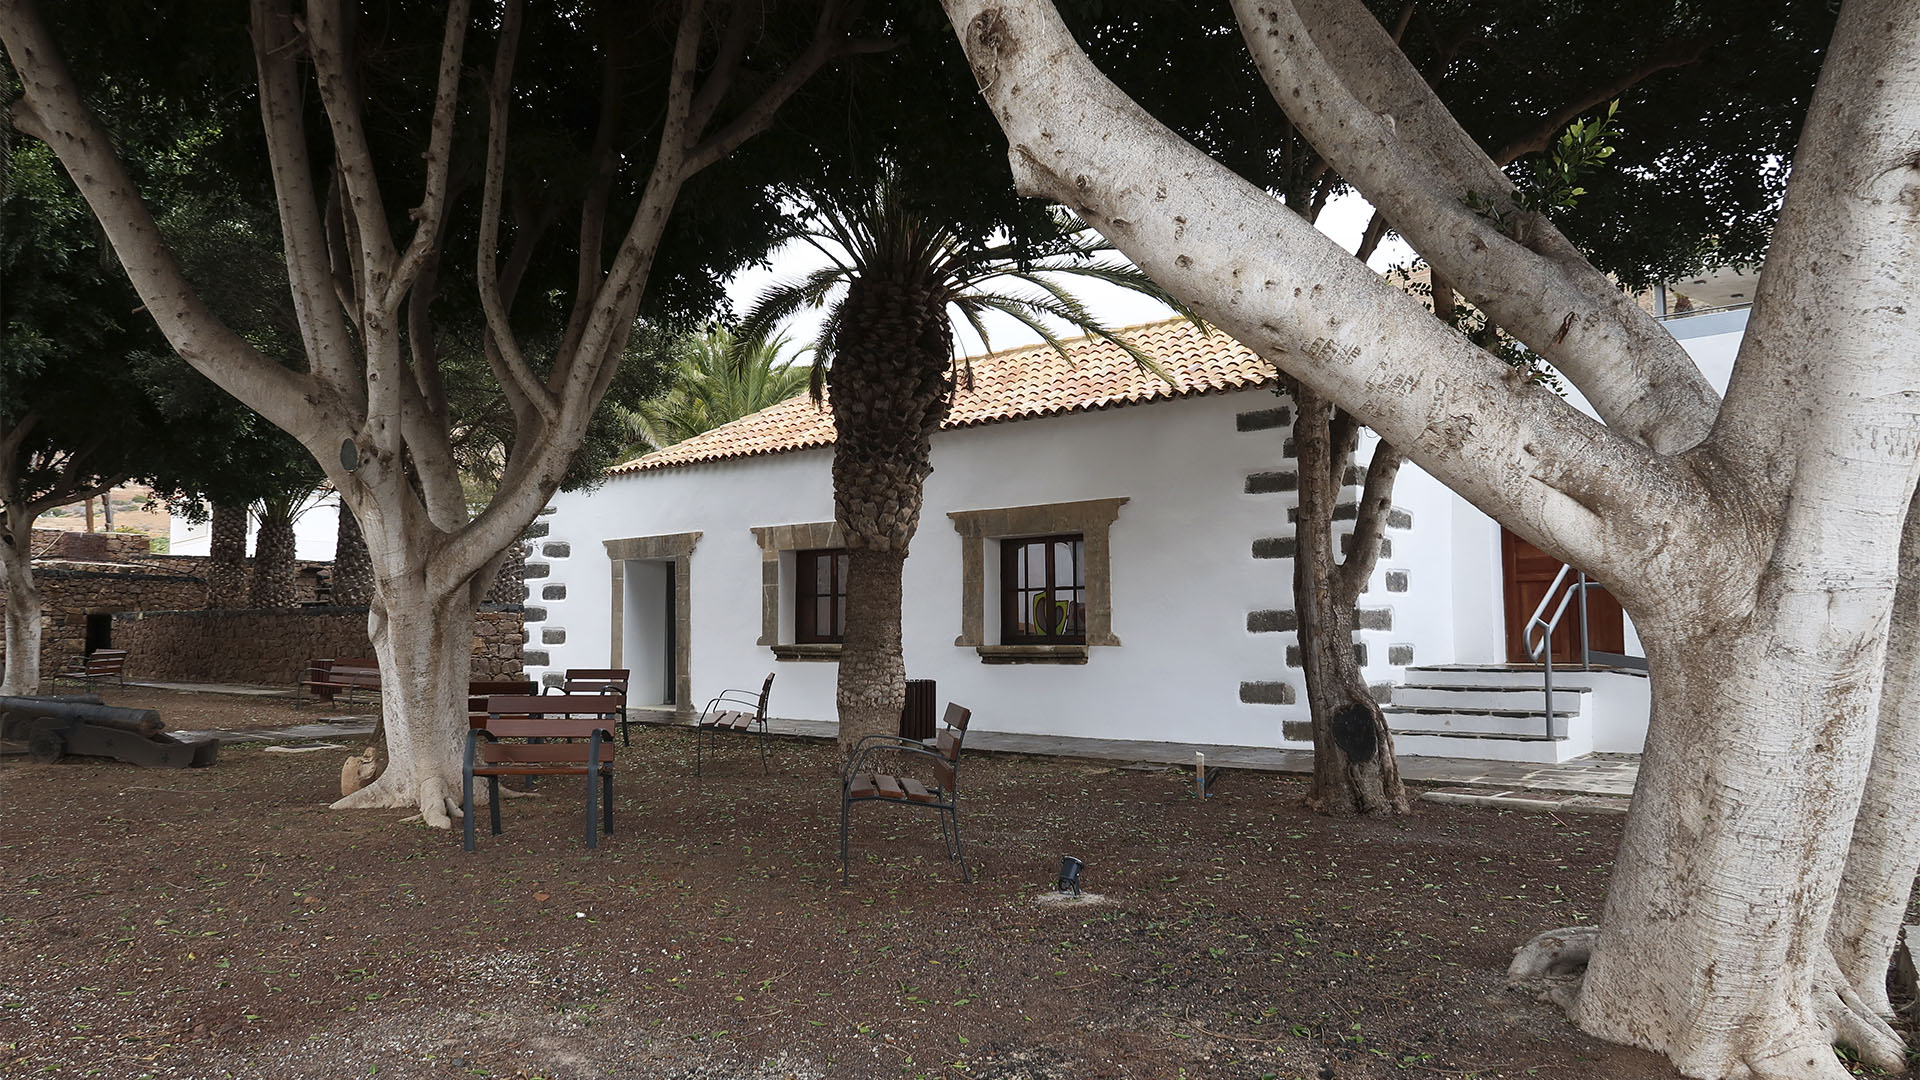 Museo Arqueologico Betancuria Fuerteventura.